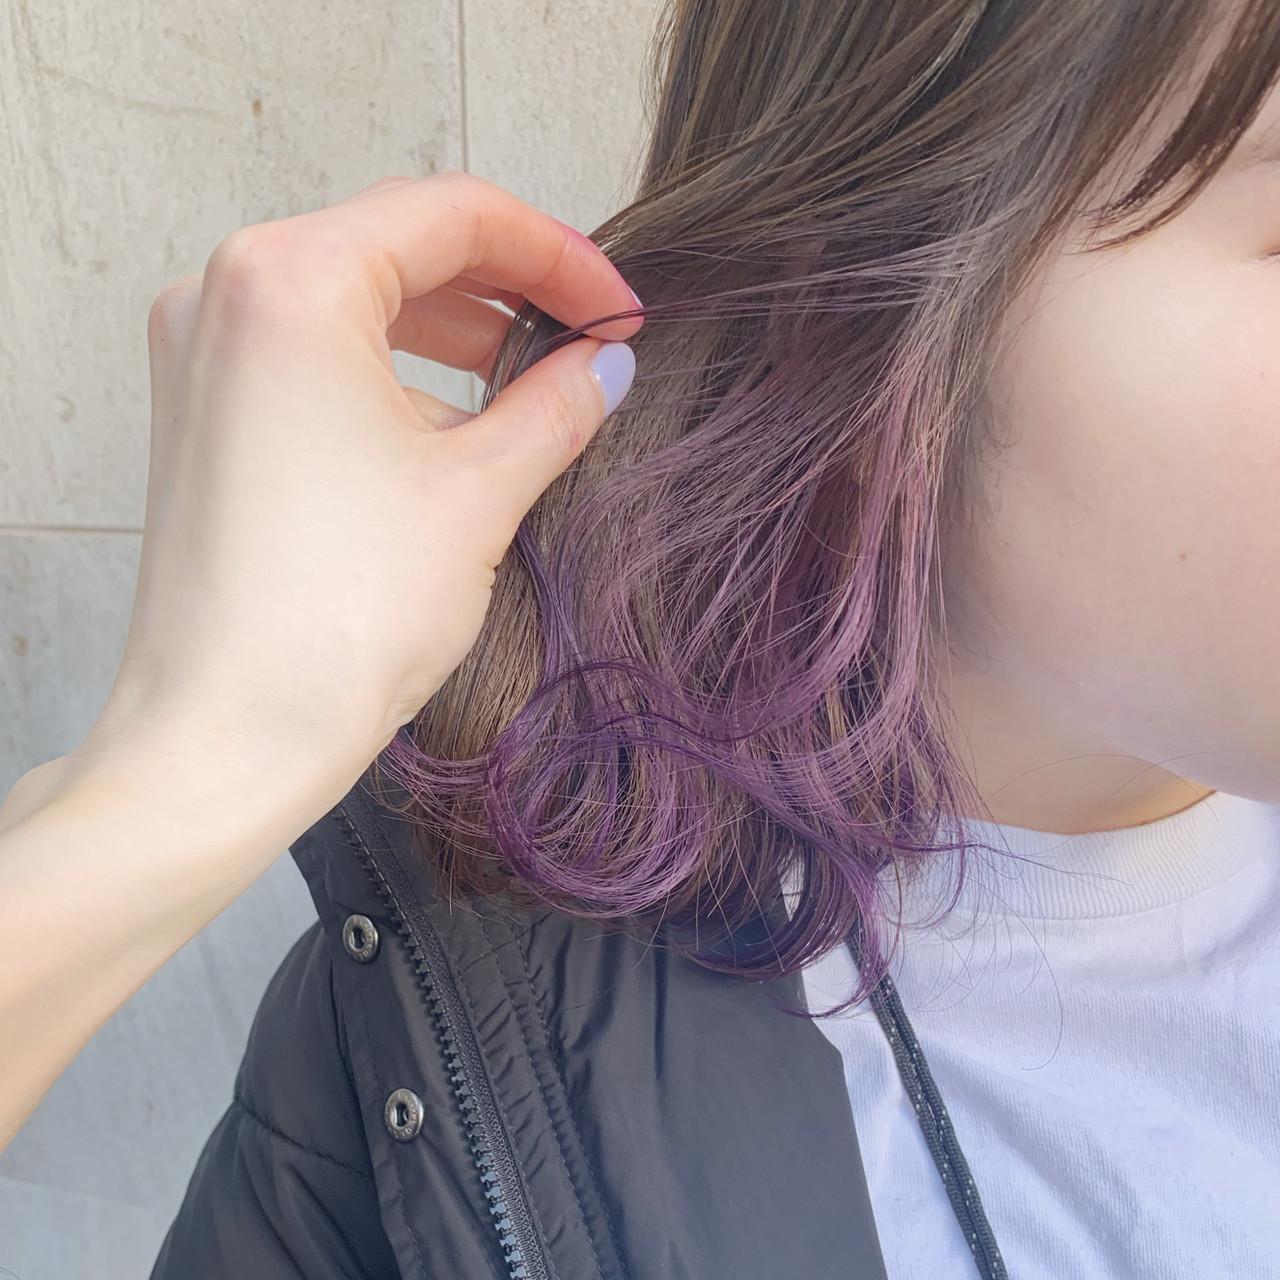 グレージュ アンニュイほつれヘア ピンク インナーカラー ヘアスタイルや髪型の写真・画像